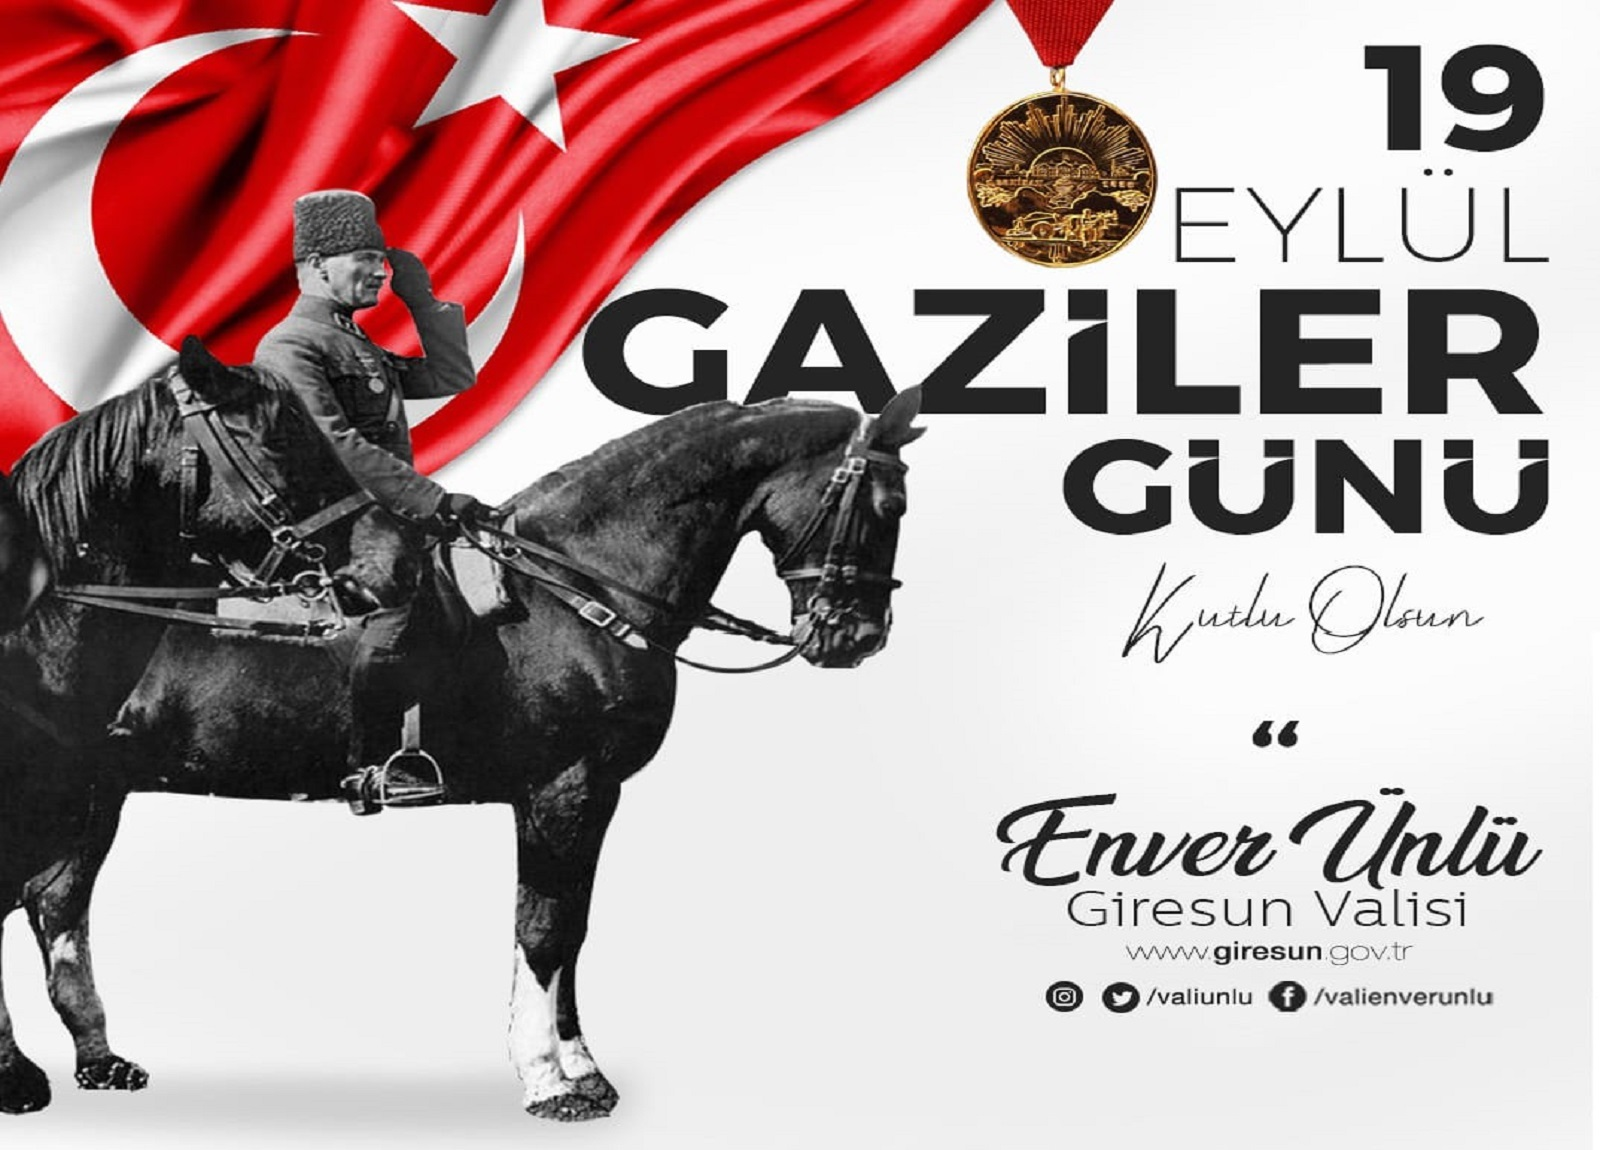 Vali Ünlü'nün Atatürk'ün Giresun'a Gelişi ve Gaziler Günü Mesajı